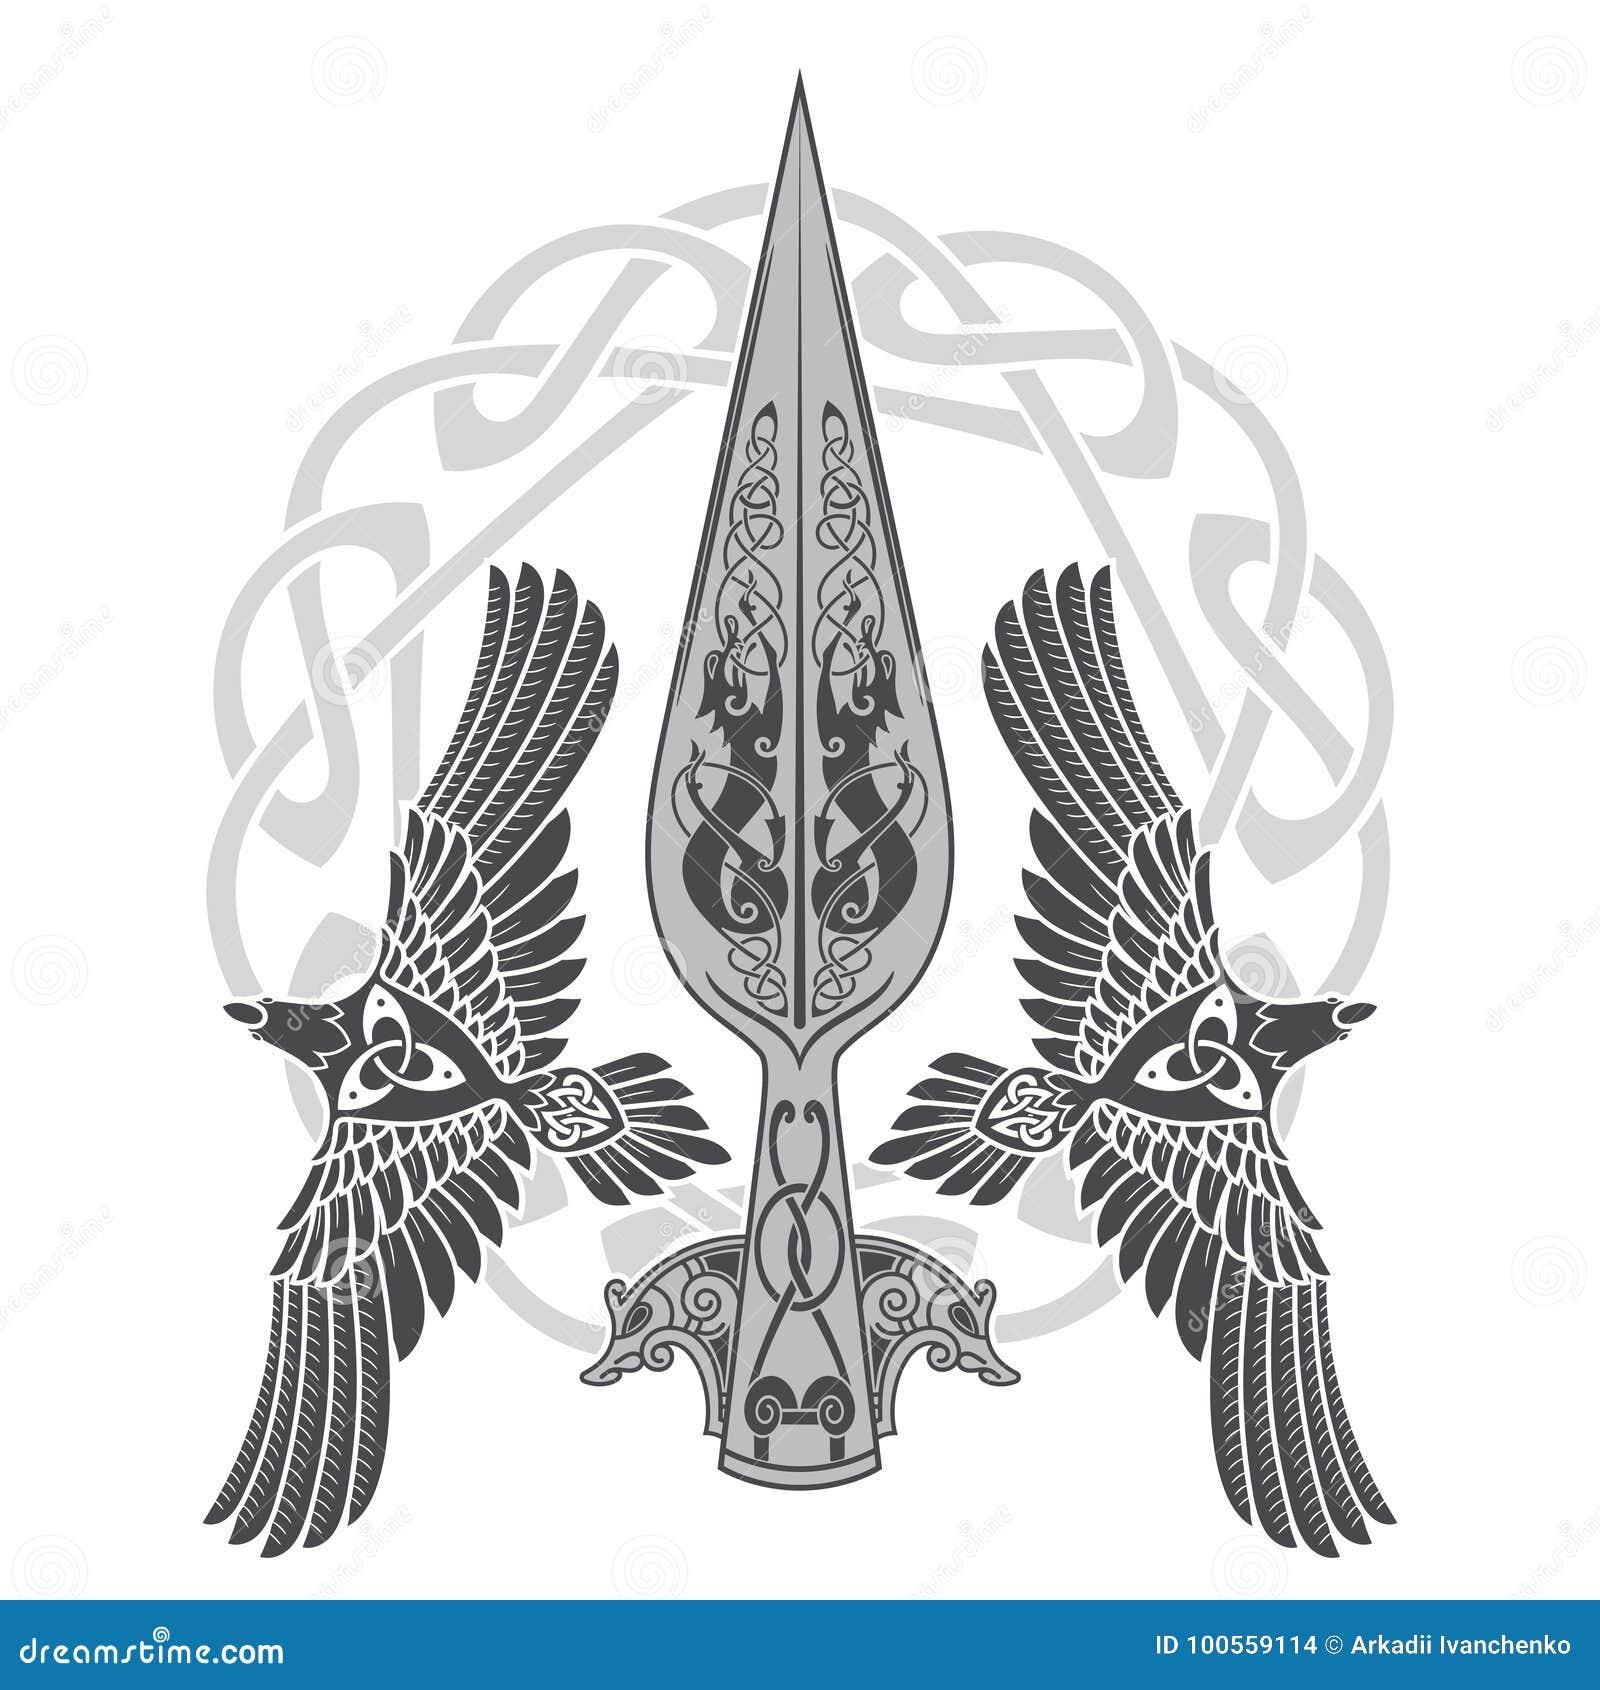 La lanza de dios Odin - Gungnir Dos cuervos y modelo escandinavo